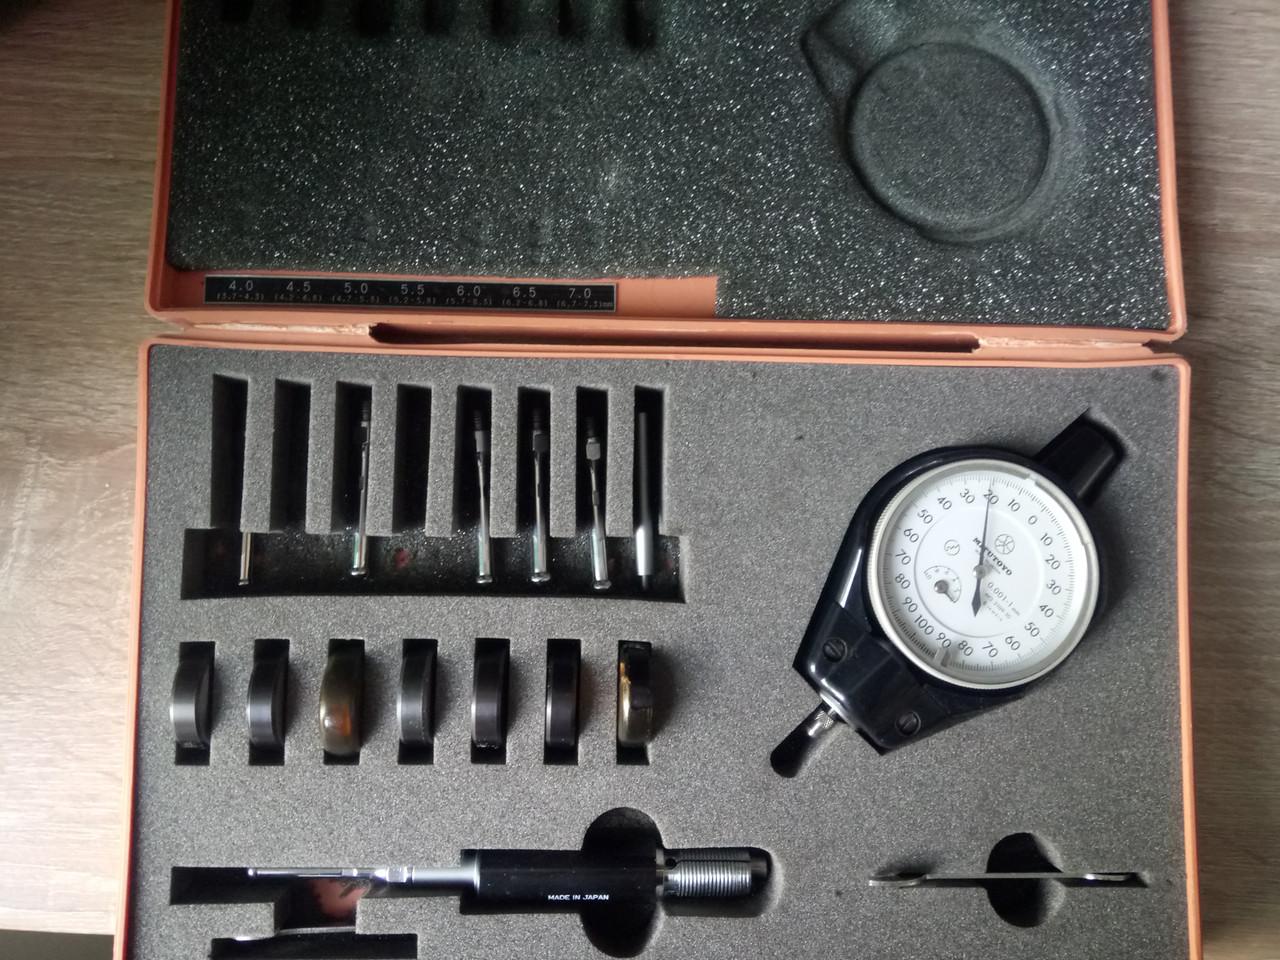 Нутромер НИ (3,7-7,3 )Япония  с хранения (возможна калибровка в УкрЦСМ)